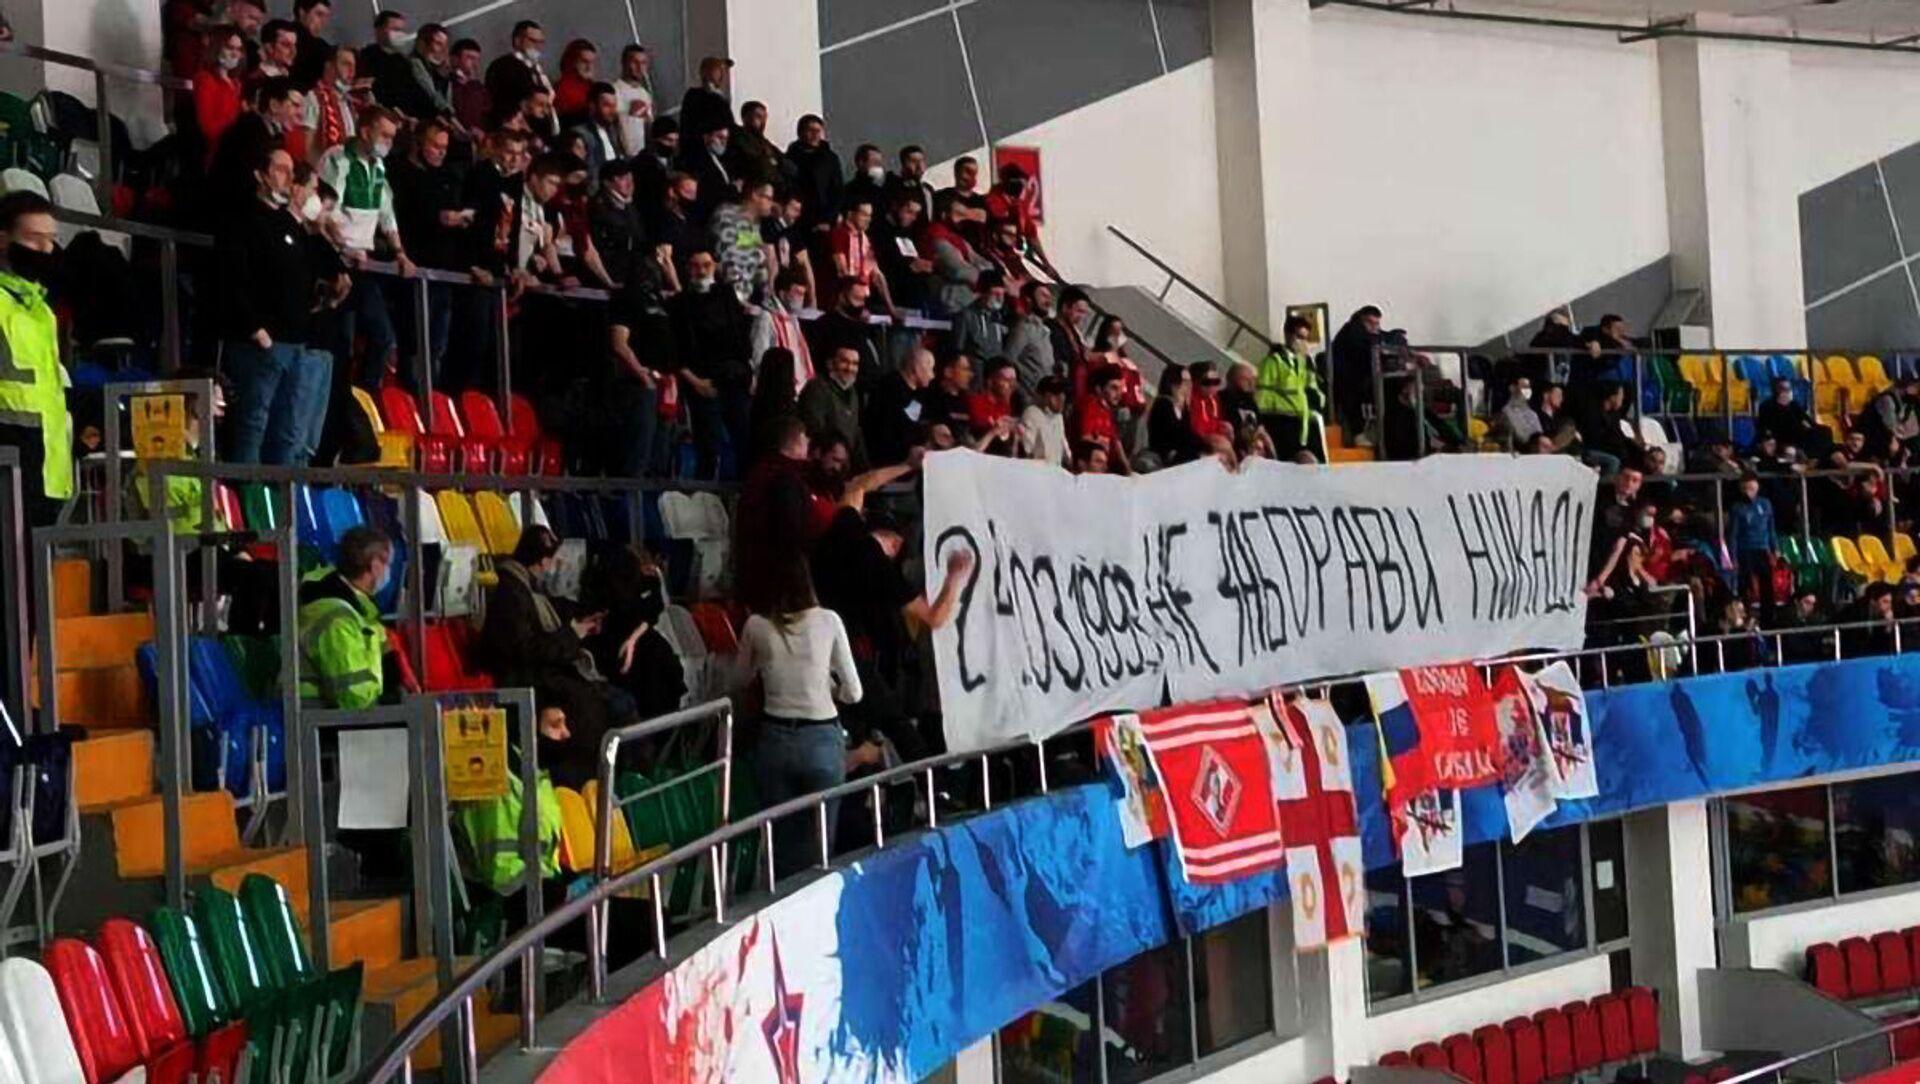 Navijači Spartaka iz Moskve postavili transparent protiv NATO bombardovanja Srbije - Sputnik Srbija, 1920, 25.03.2021